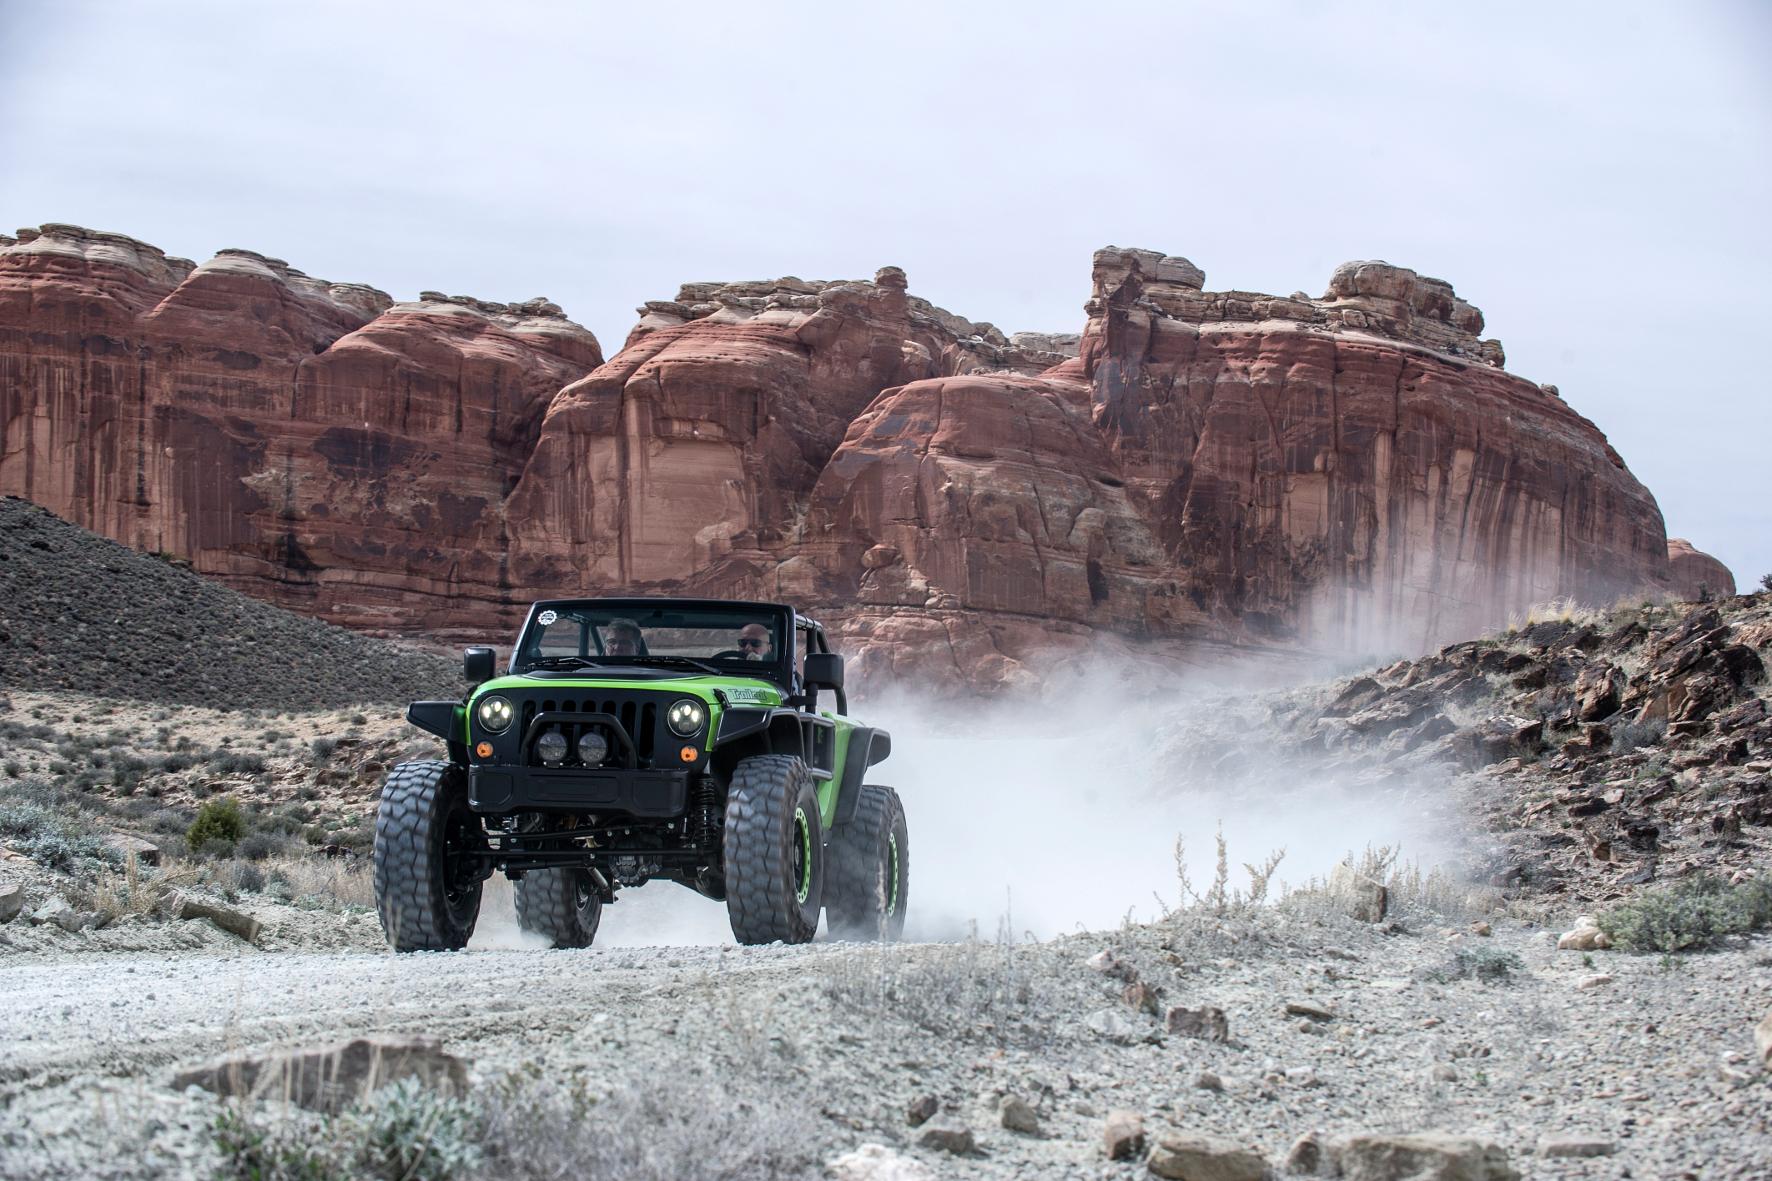 Giftgrüner Bigfoot Jeep als Symbol der Freiheit